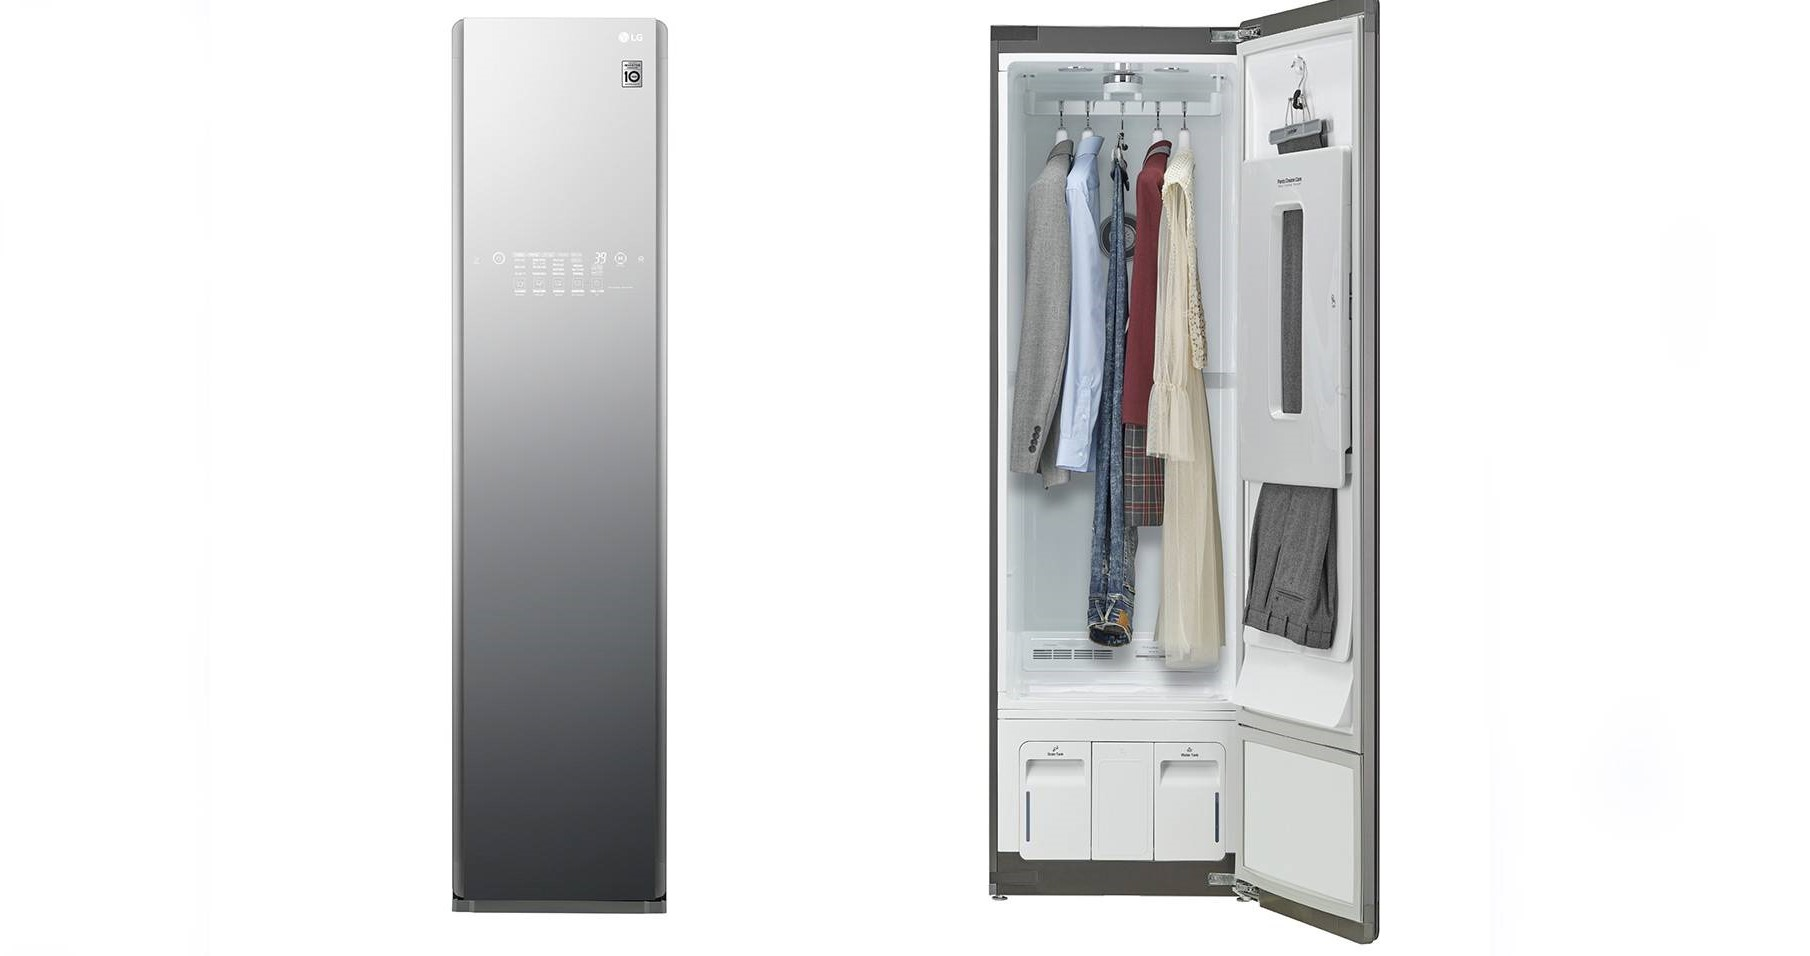 ال جی از آینه هوشمند و کمد لباس یکپارچه با دستیار گوگل اسیستنت رونمایی کرد